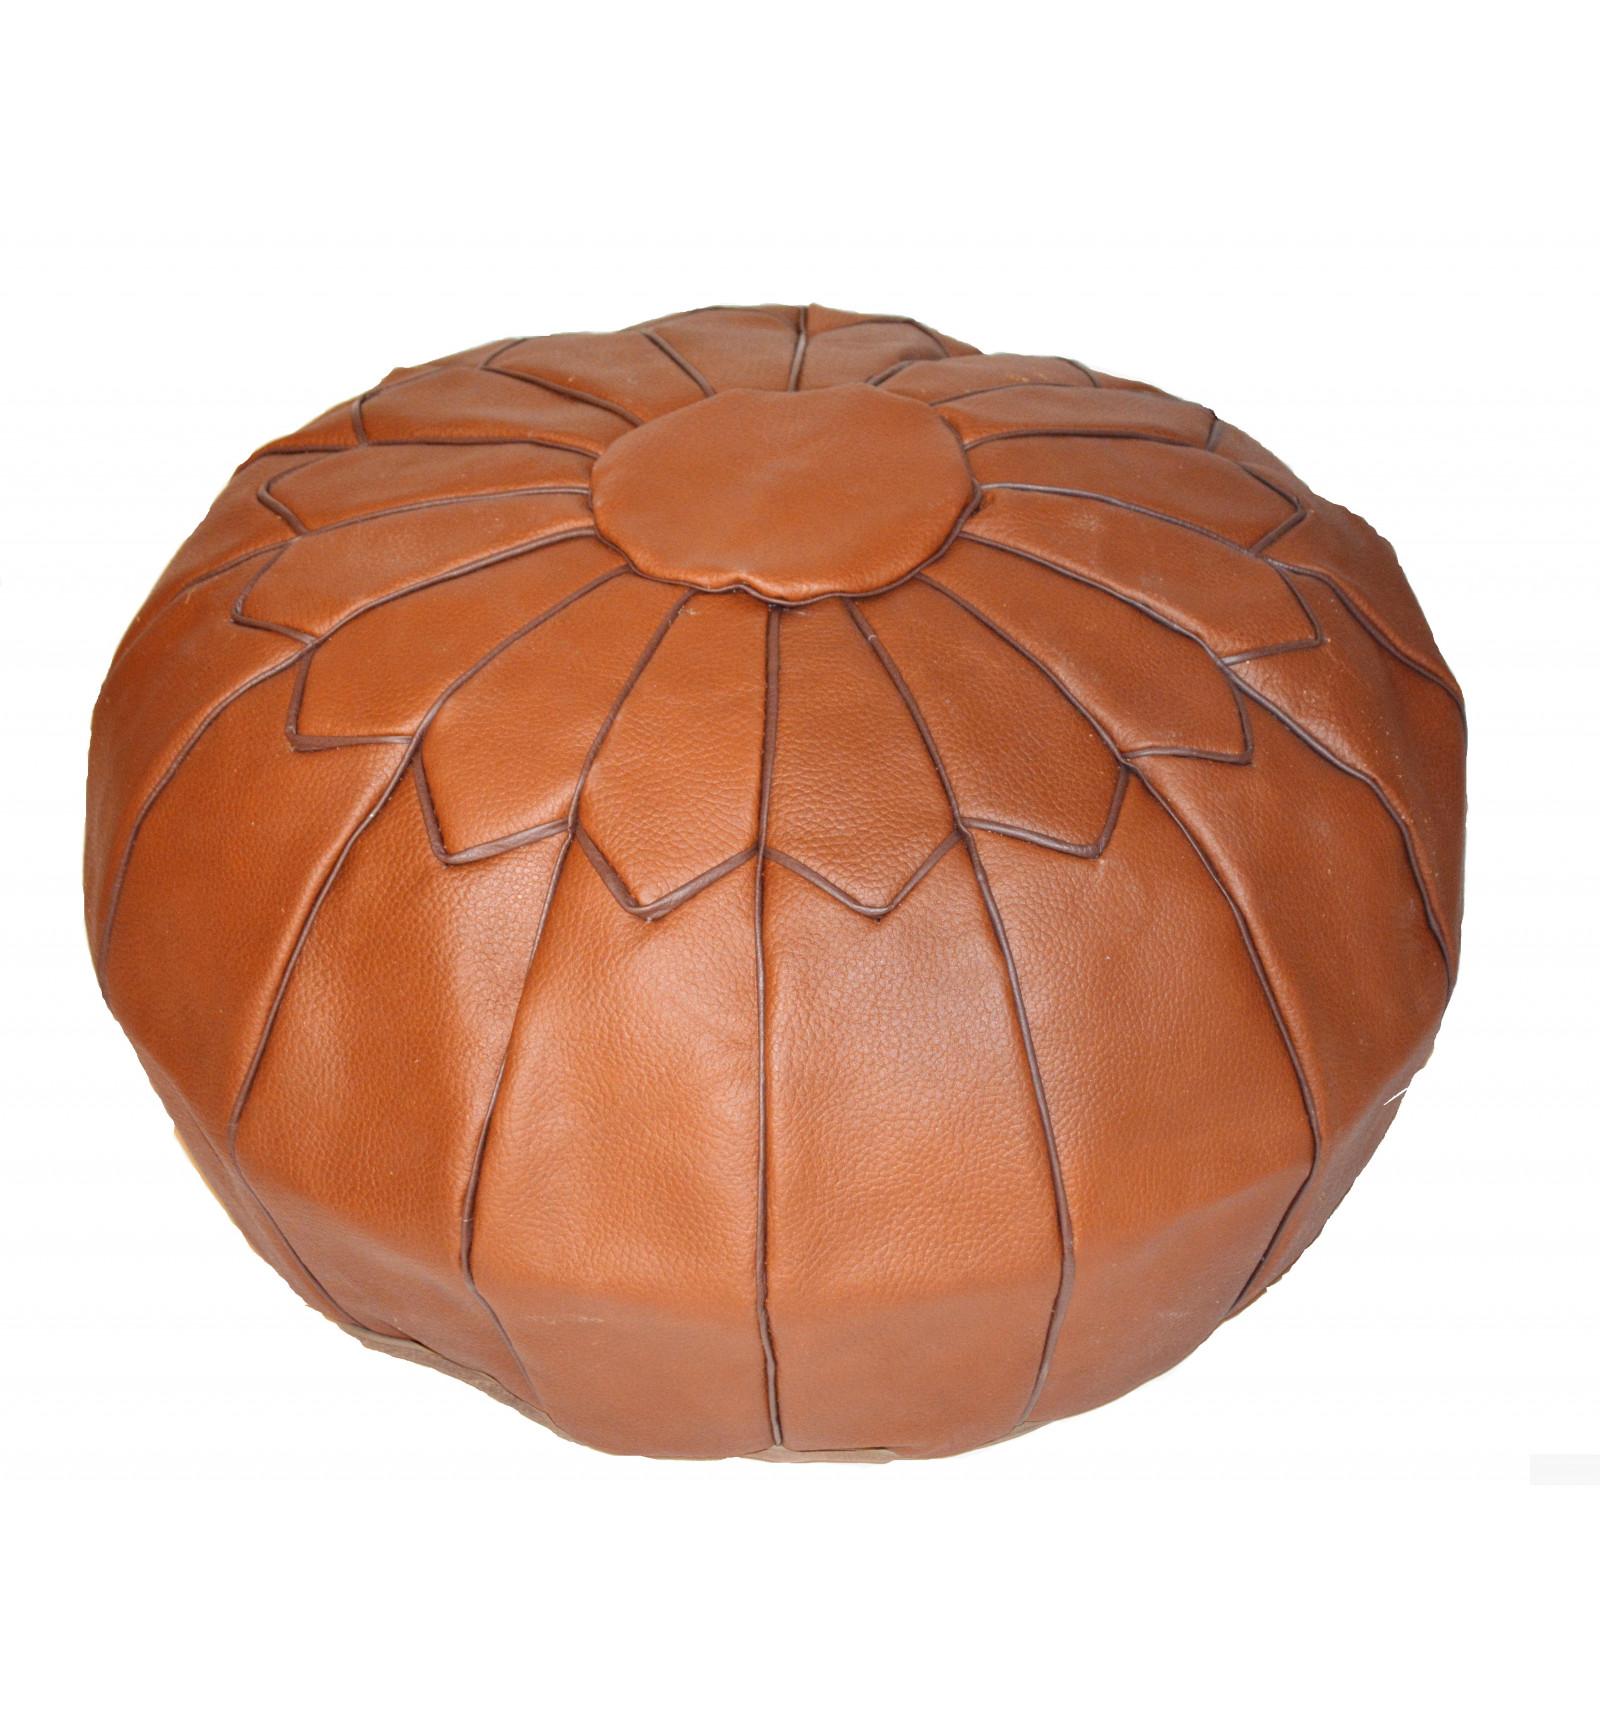 Design pouf pouf marocain en cuir marron - Pouf cuir marron chocolat ...